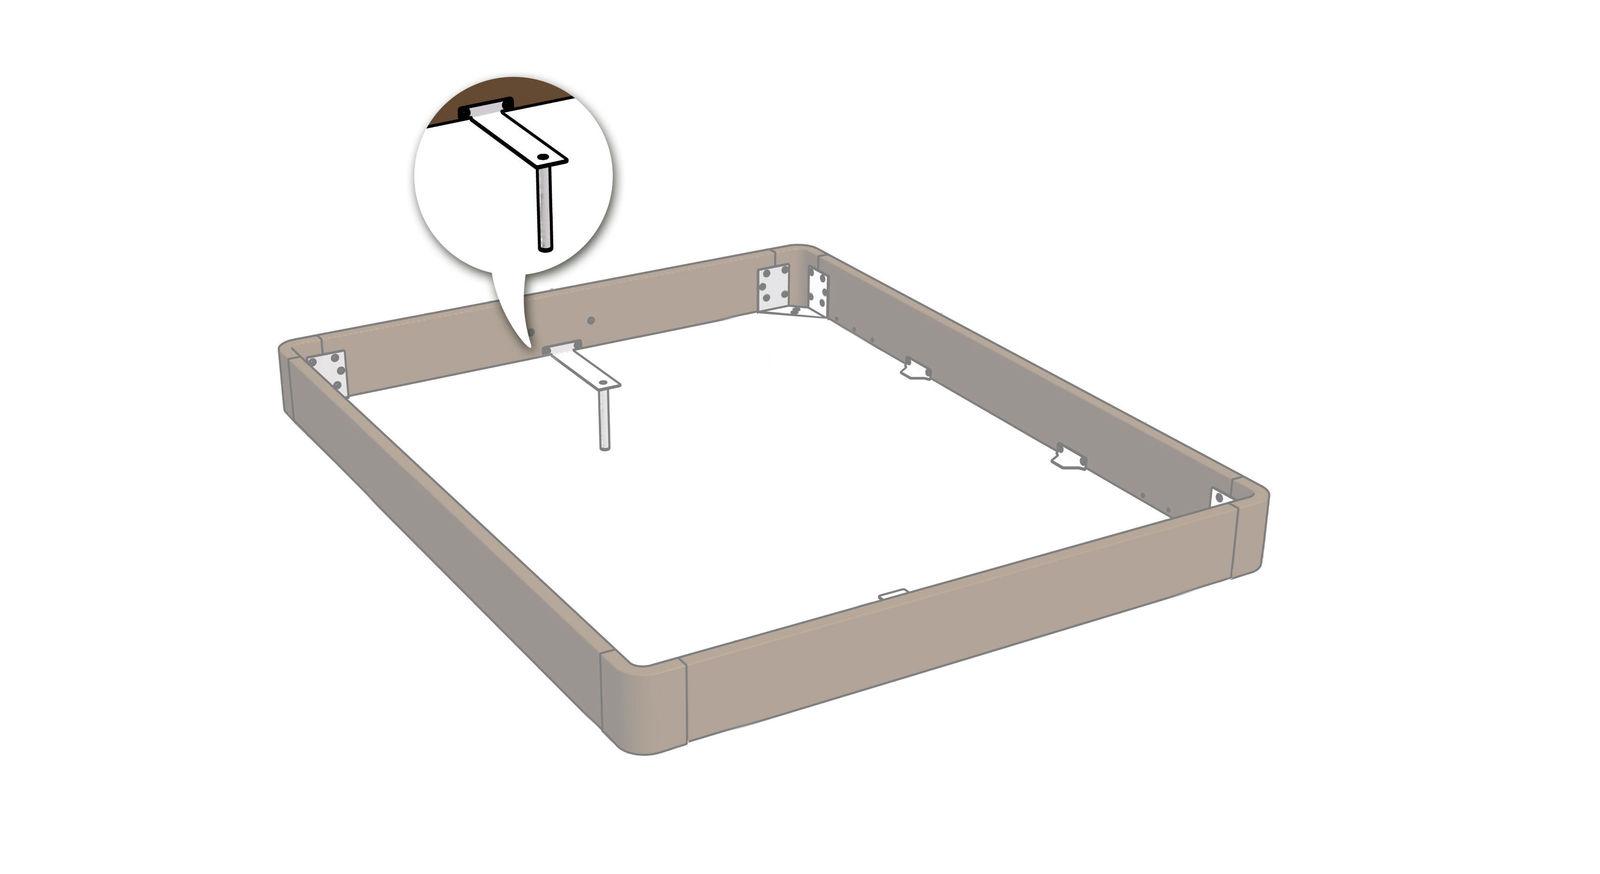 Standard-Ausführung zur Lattenrost-Auflage mit Winkeln